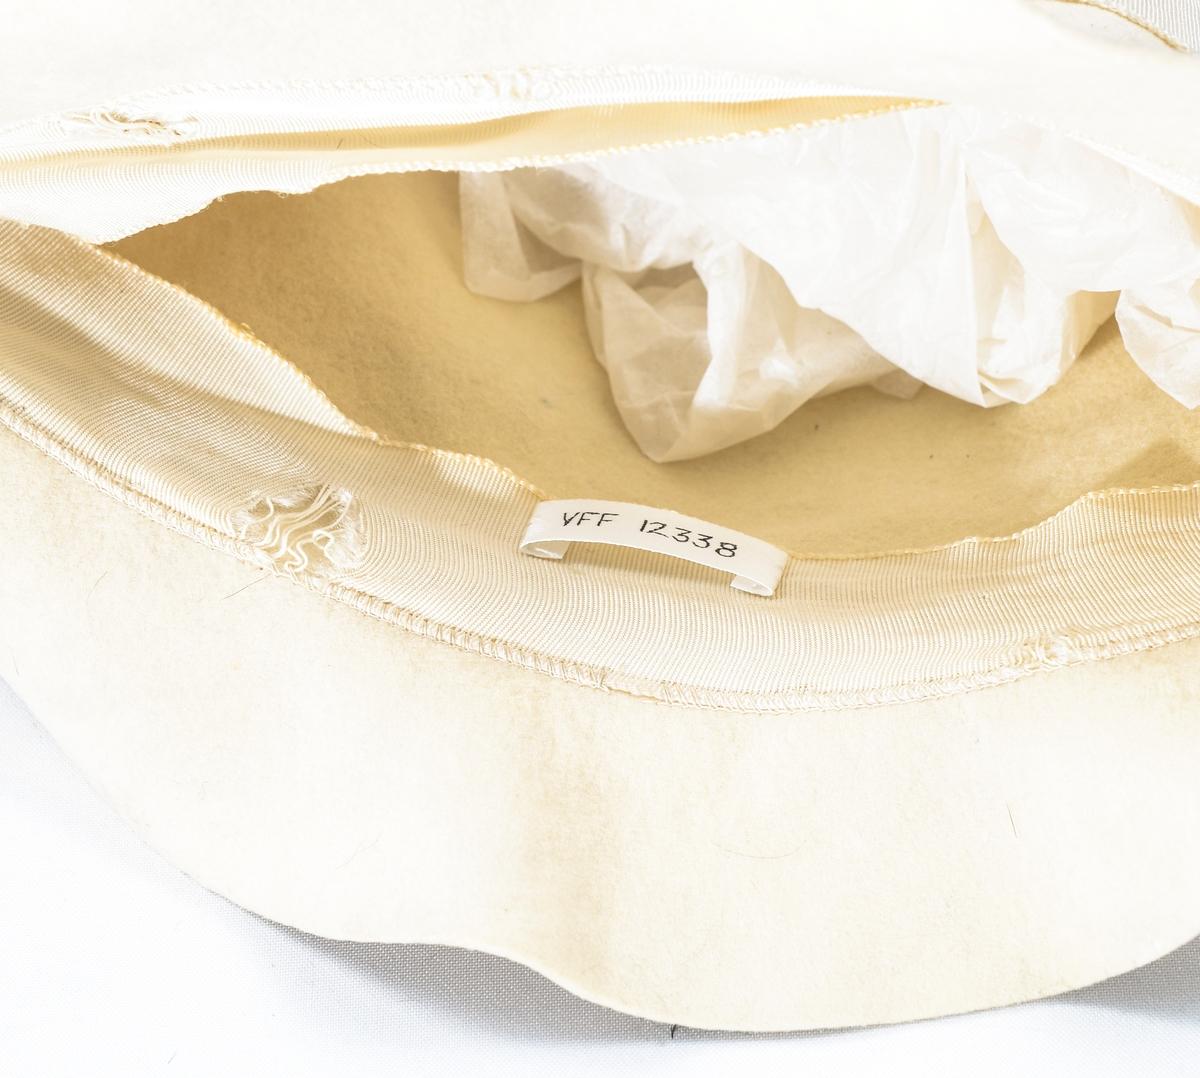 Lue, hatt i beige filt. Ripsband rundt med sløyfe bak. Påsydd ripsband på innsida også.